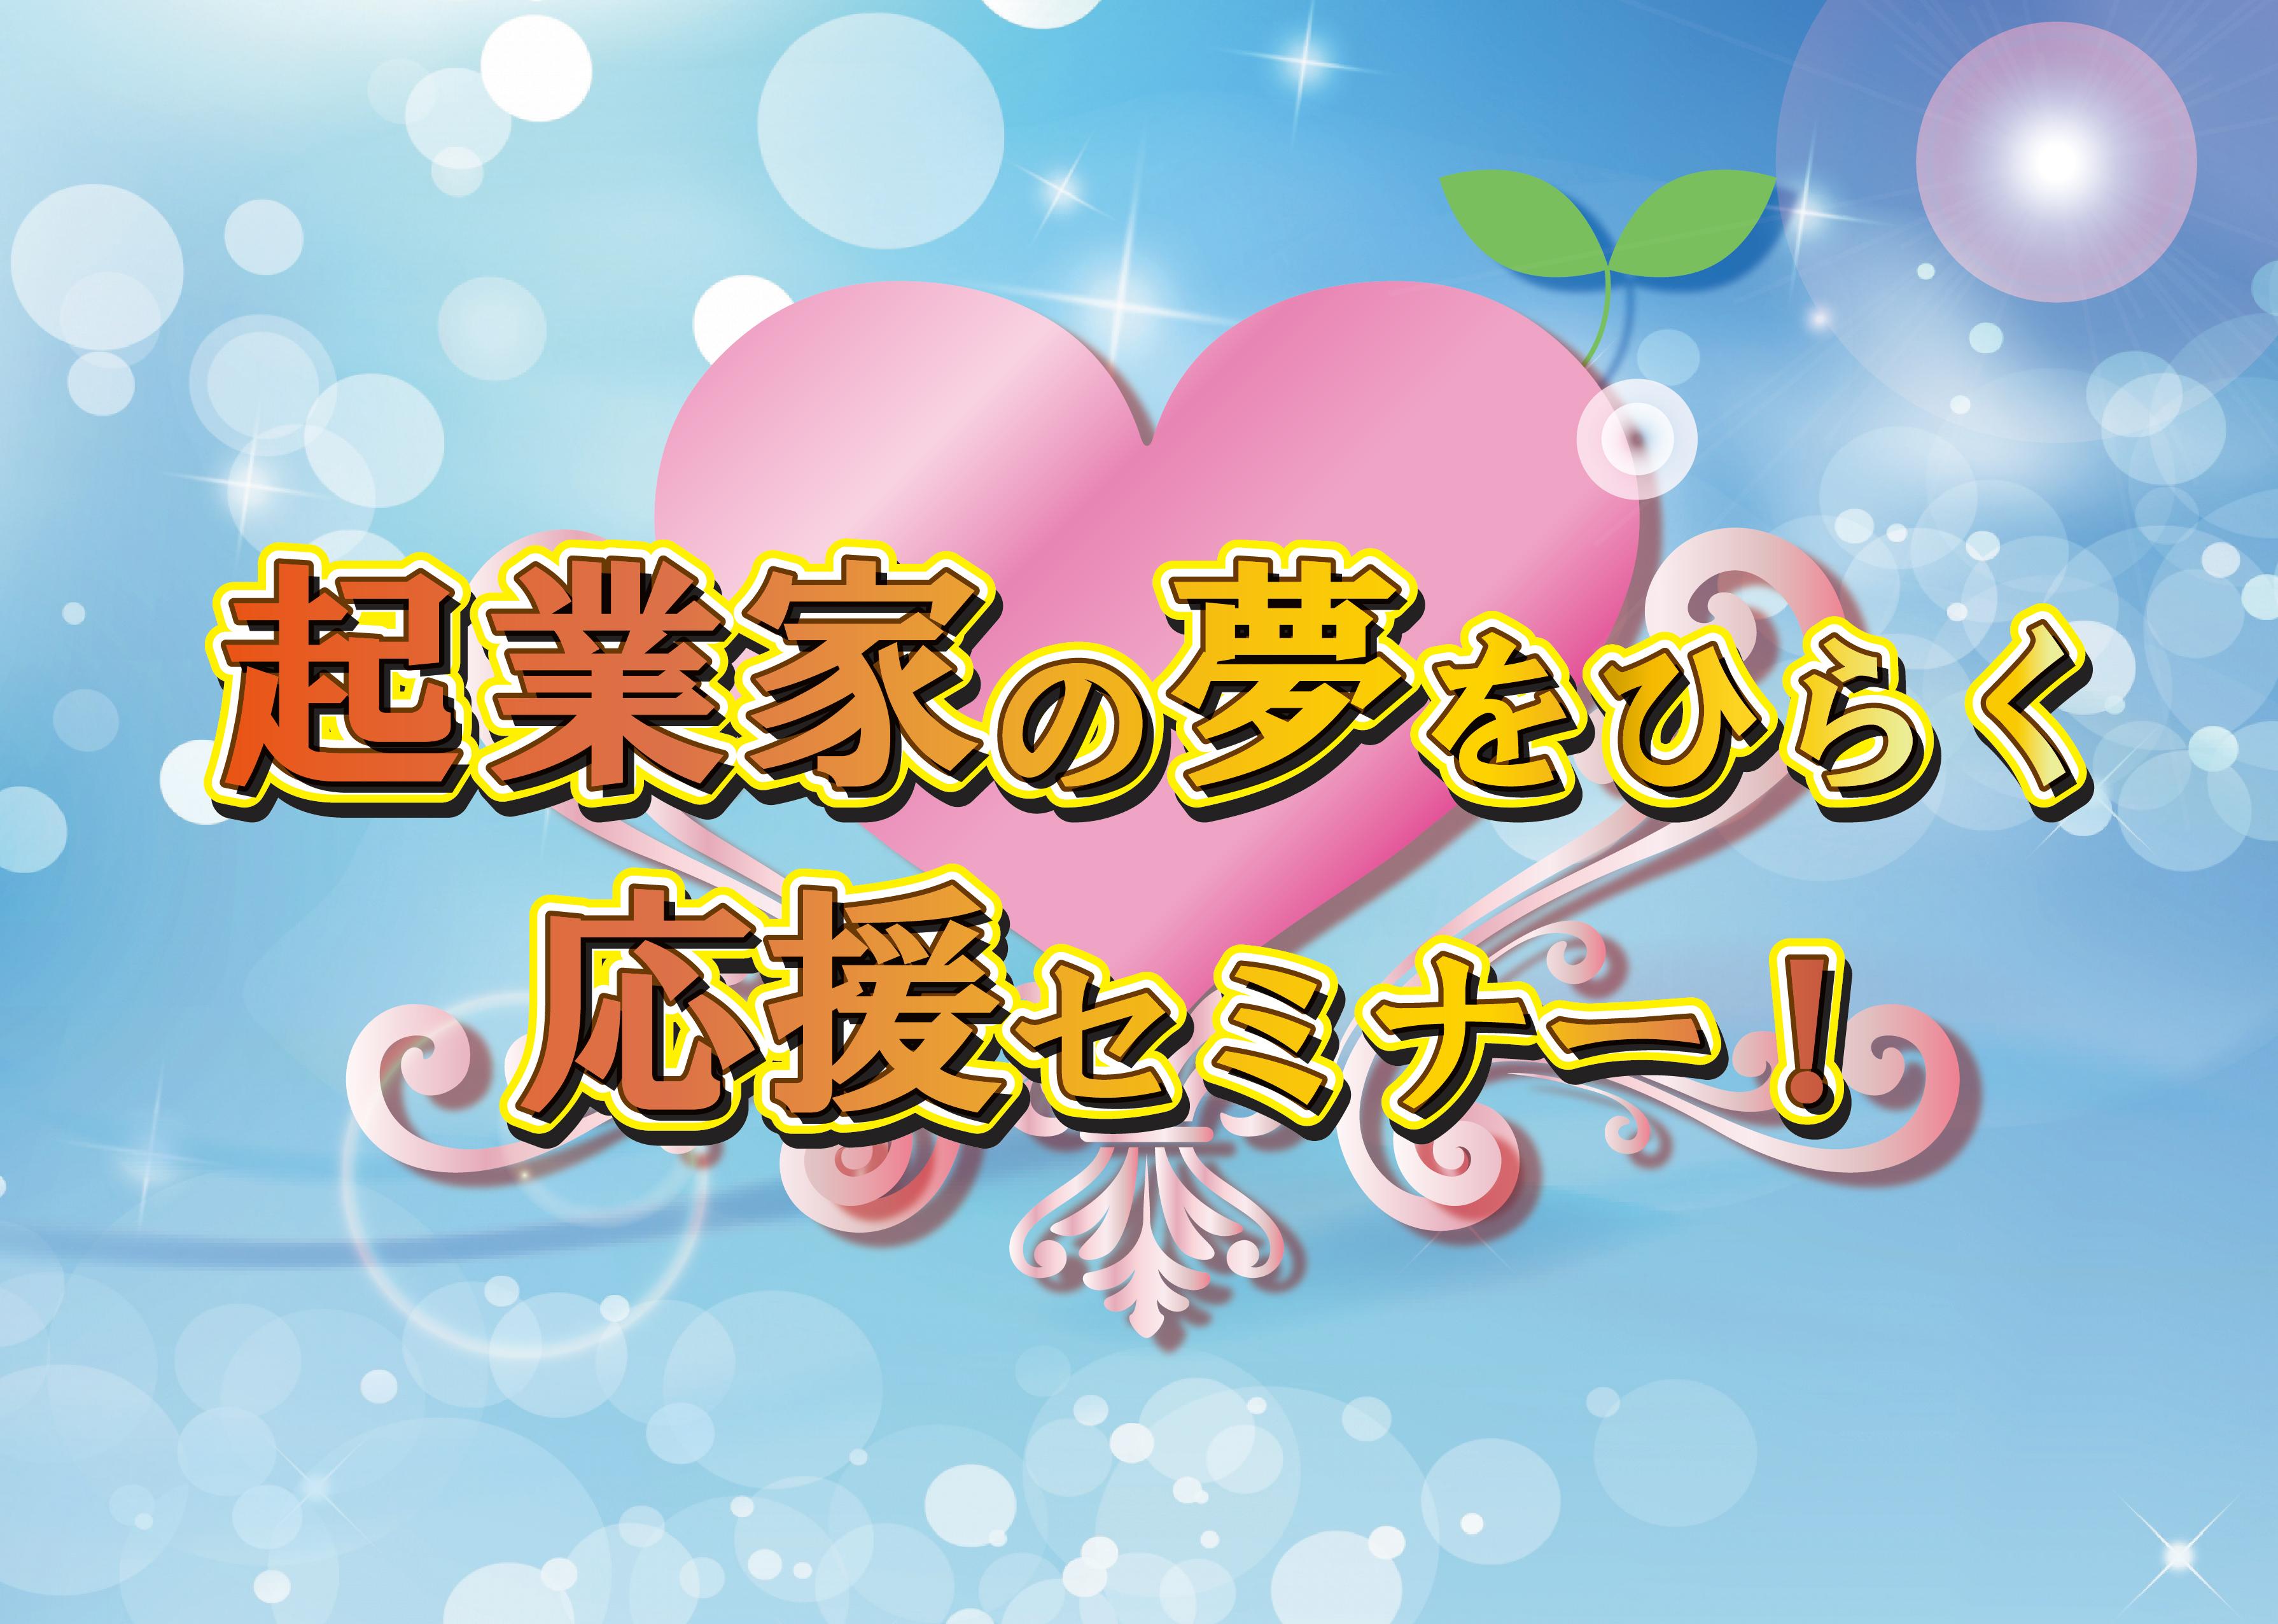 16th_橘 佑佳 起業家の夢をひらく応援セミナー!リテイななめ_アートボード 1